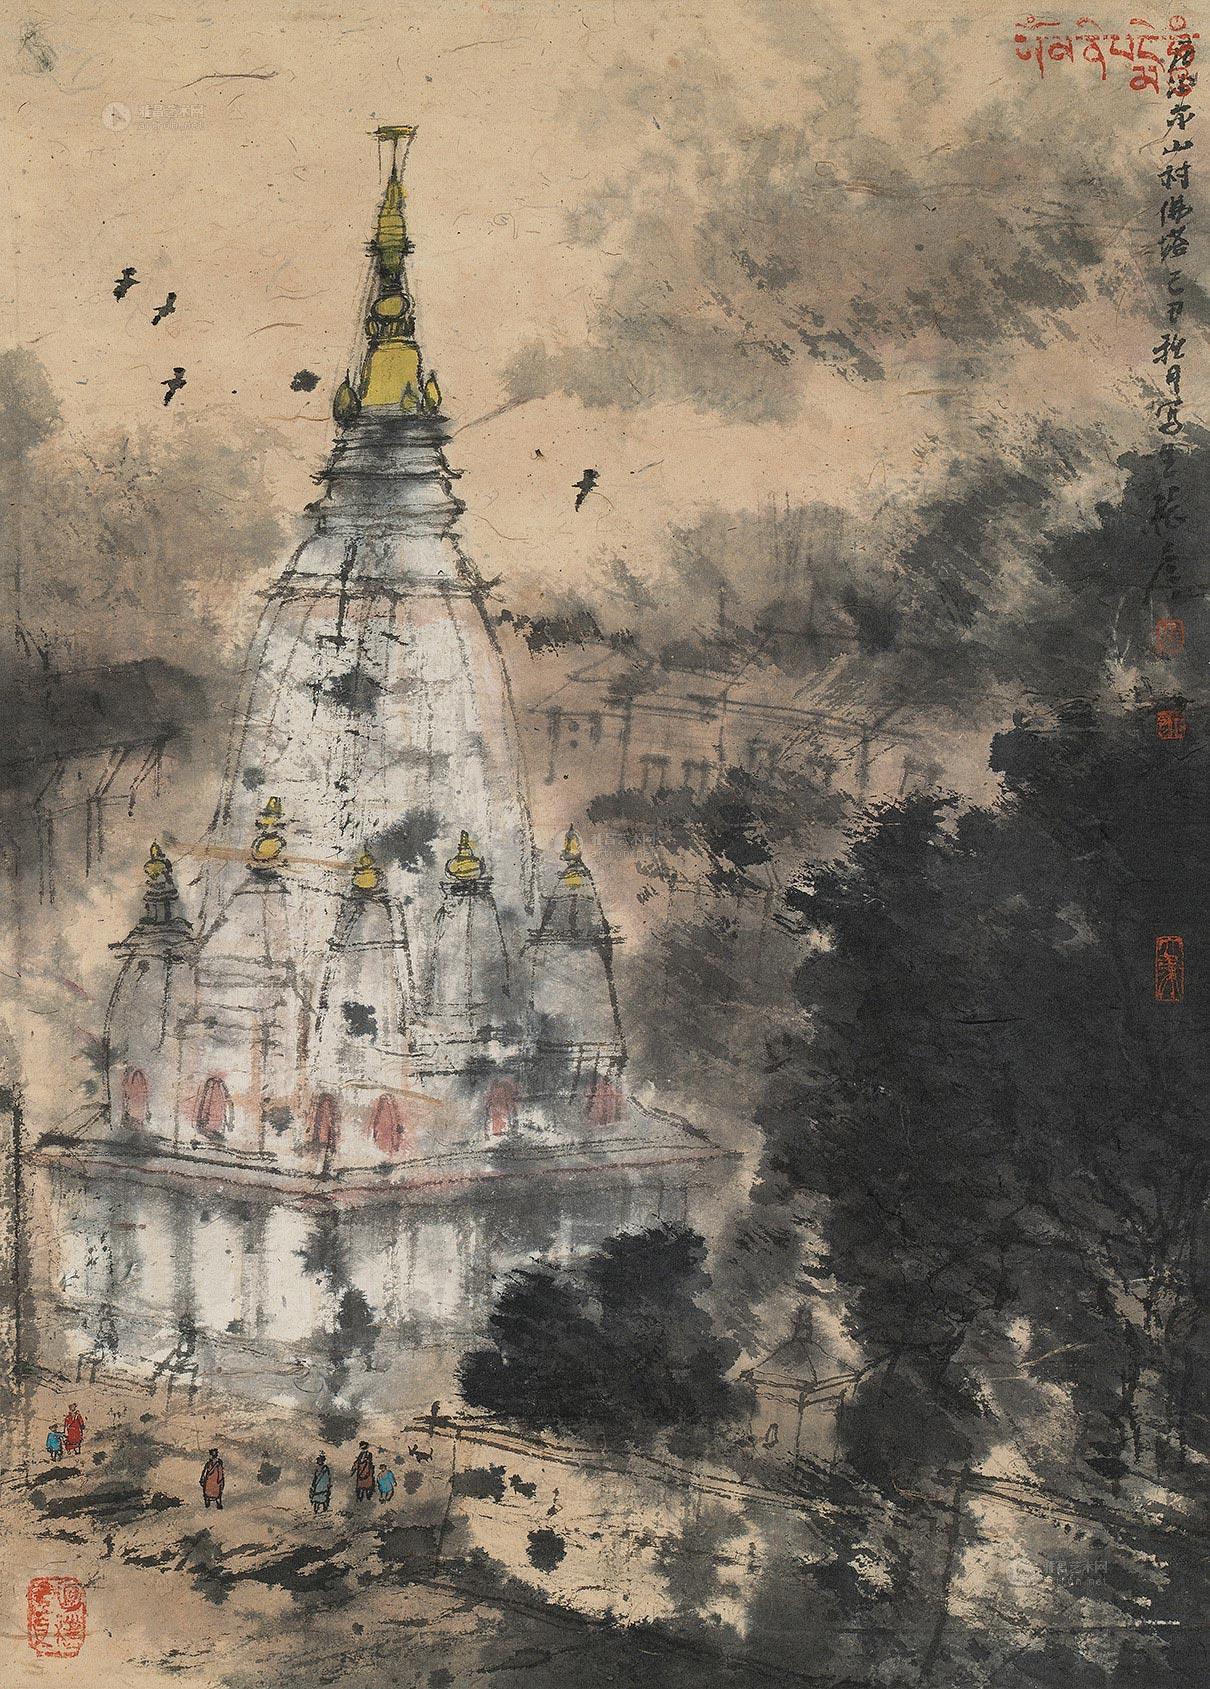 尼泊尔山村佛塔